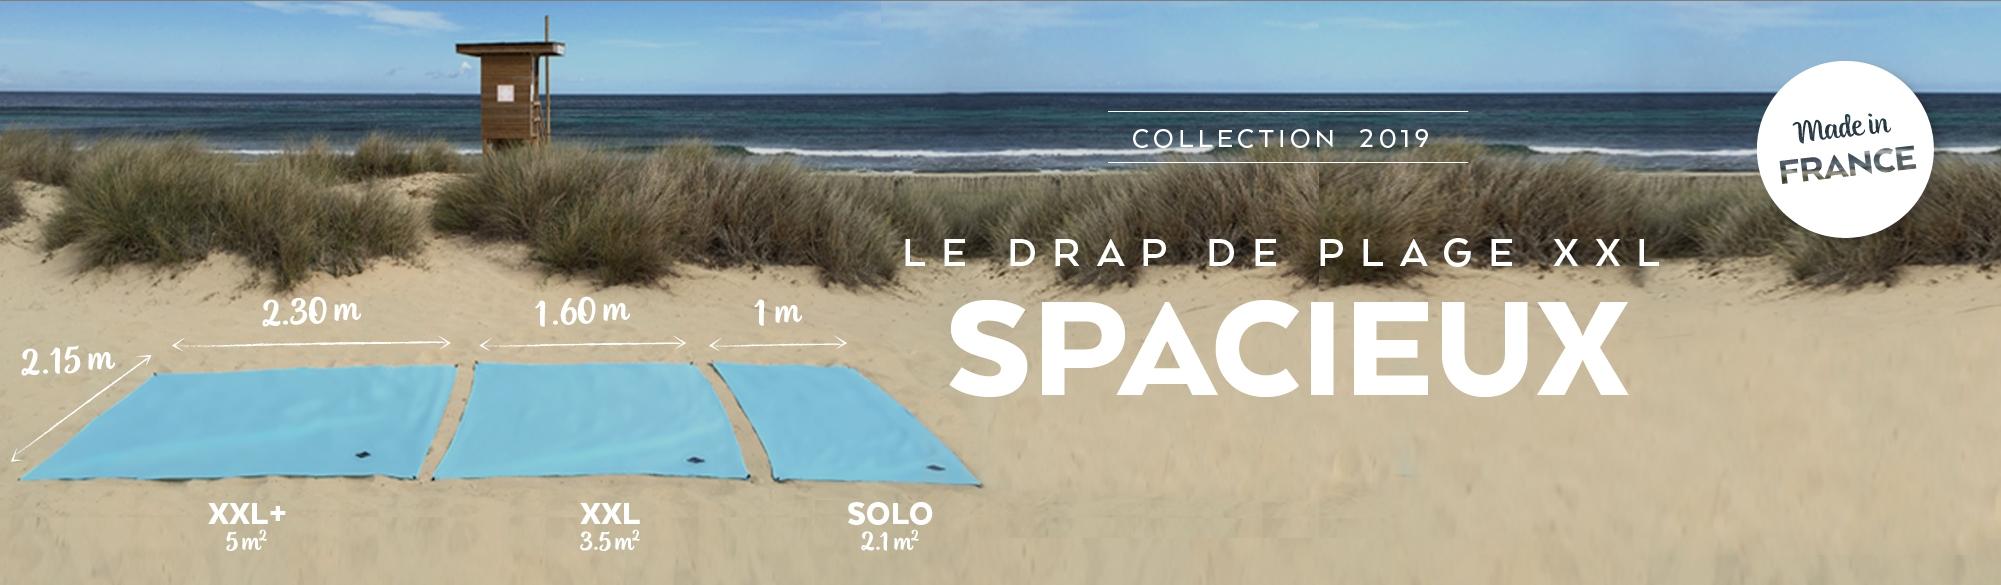 Le drap de plage spacieux